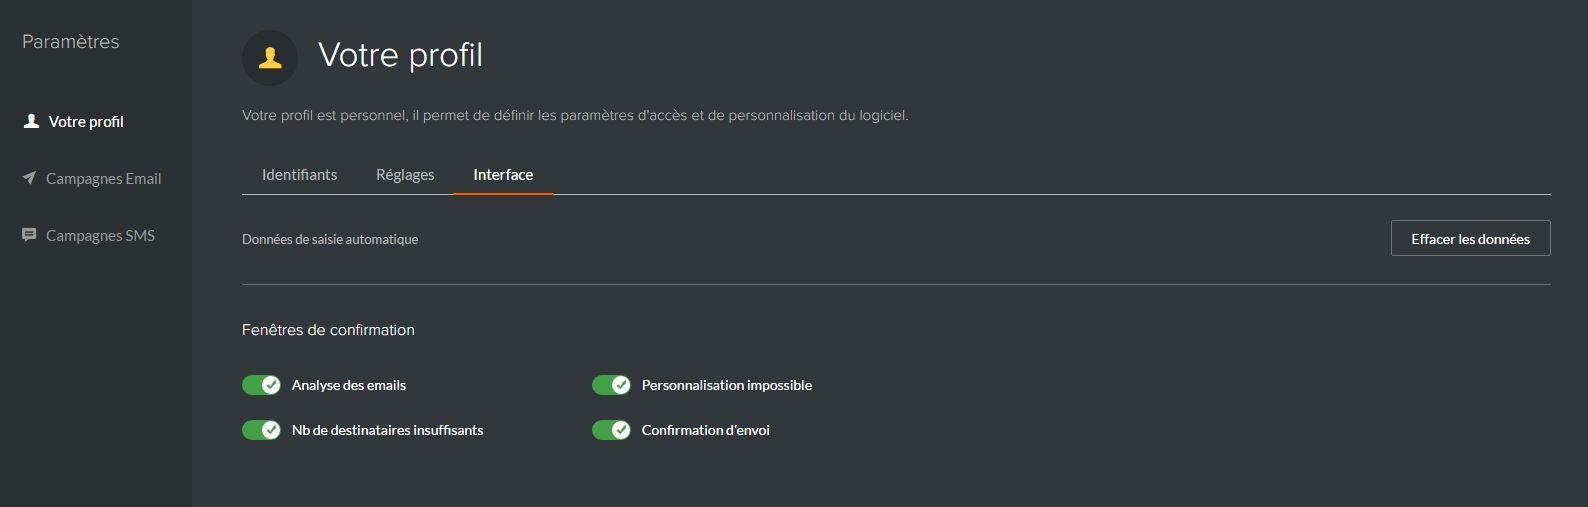 Paramètres de l'interface sur Sarbacane Sunrise